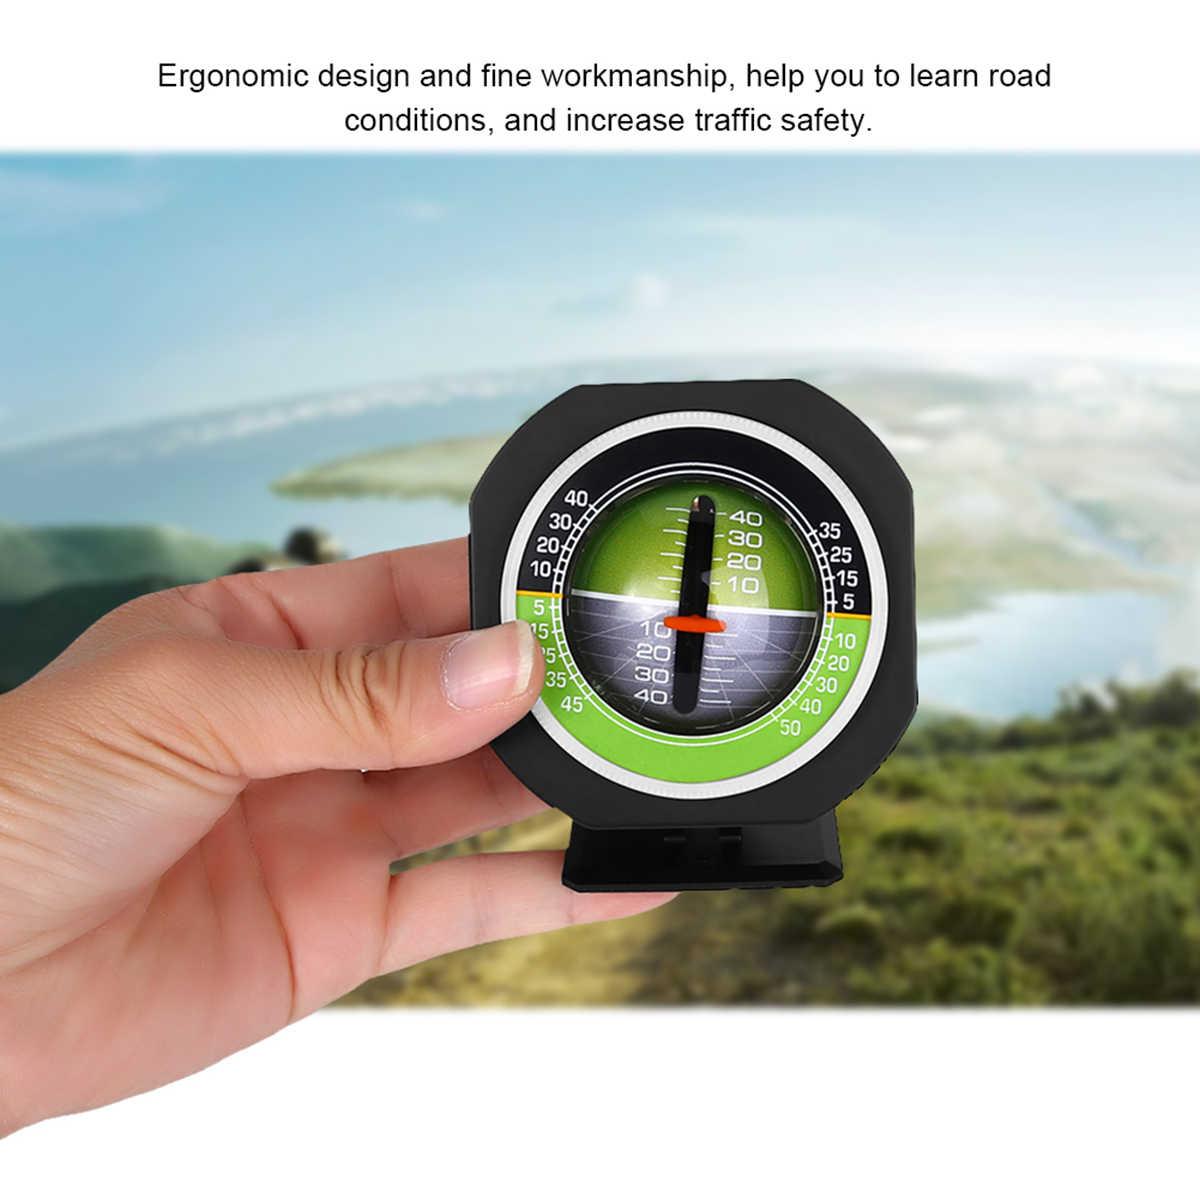 Dekorasi Mobil Kompas Presisi Tinggi Built-In LED Auto Kemiringan Level Meter Mobil Kendaraan Decoction Gradient Inclinometer Sudut